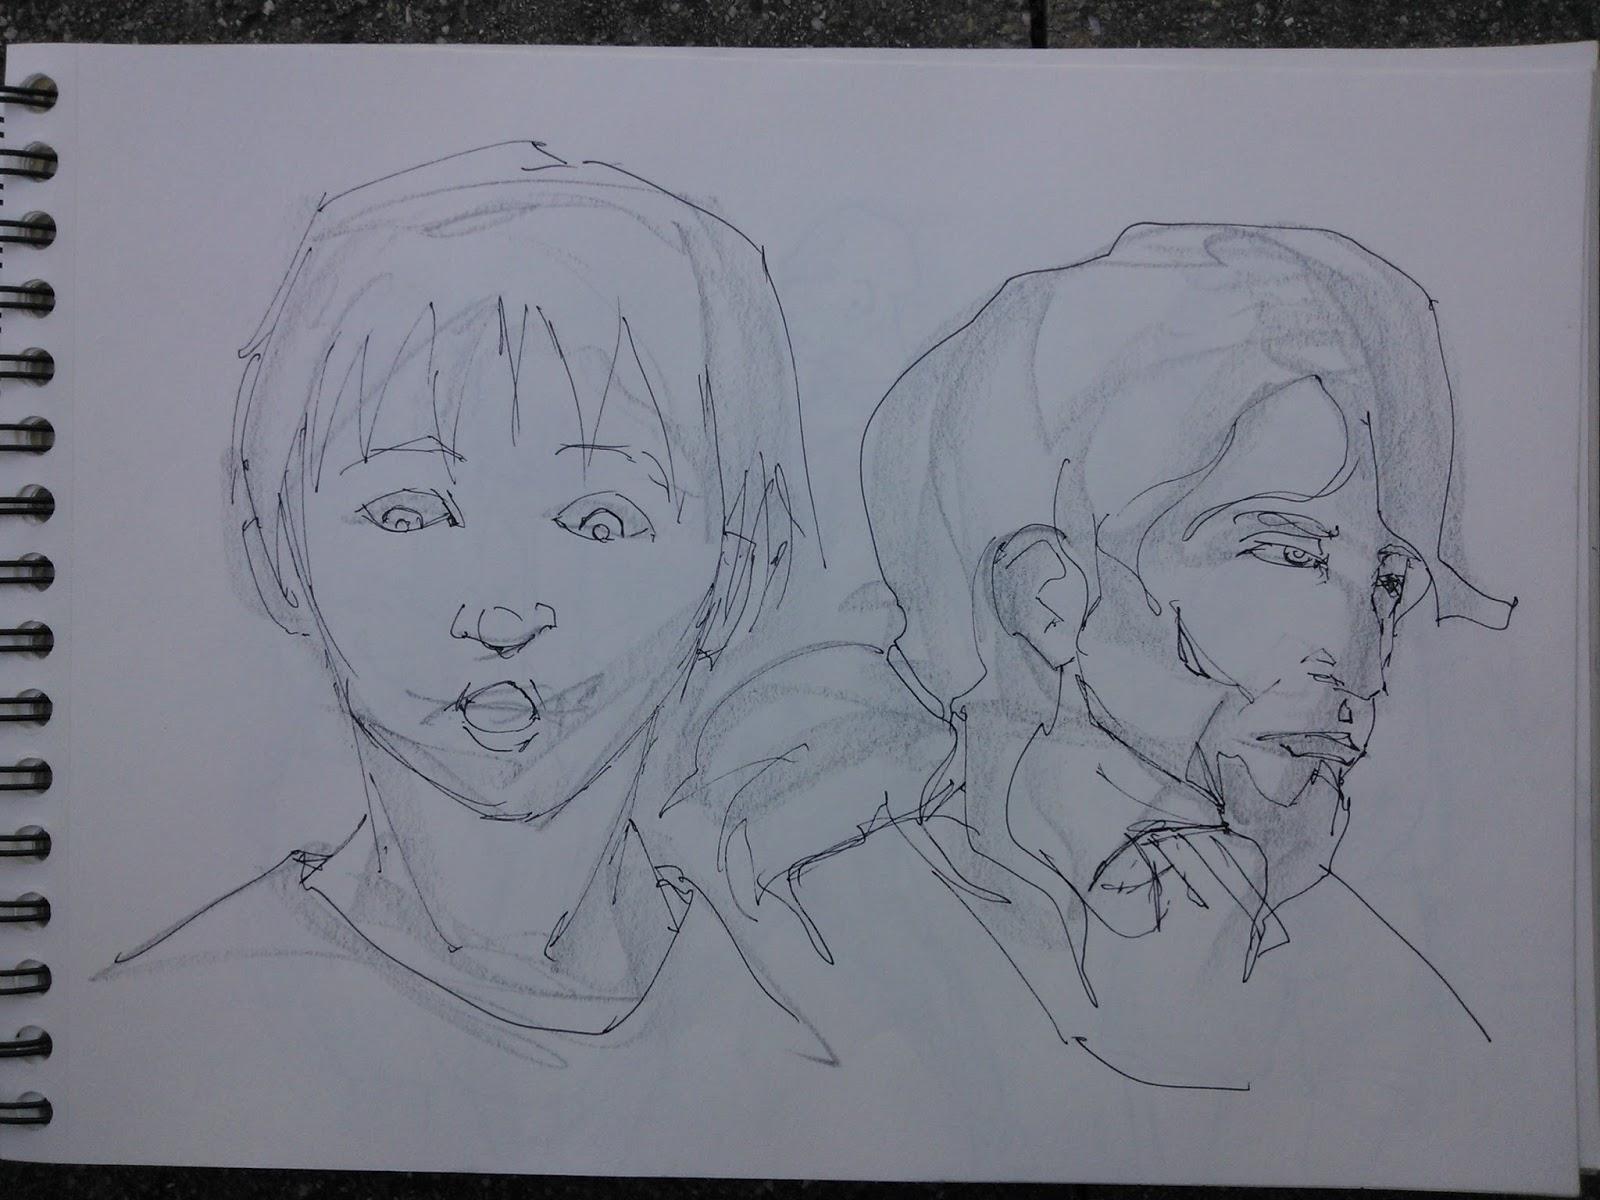 [SPOLYK] - Geometries & sketches WP_000309